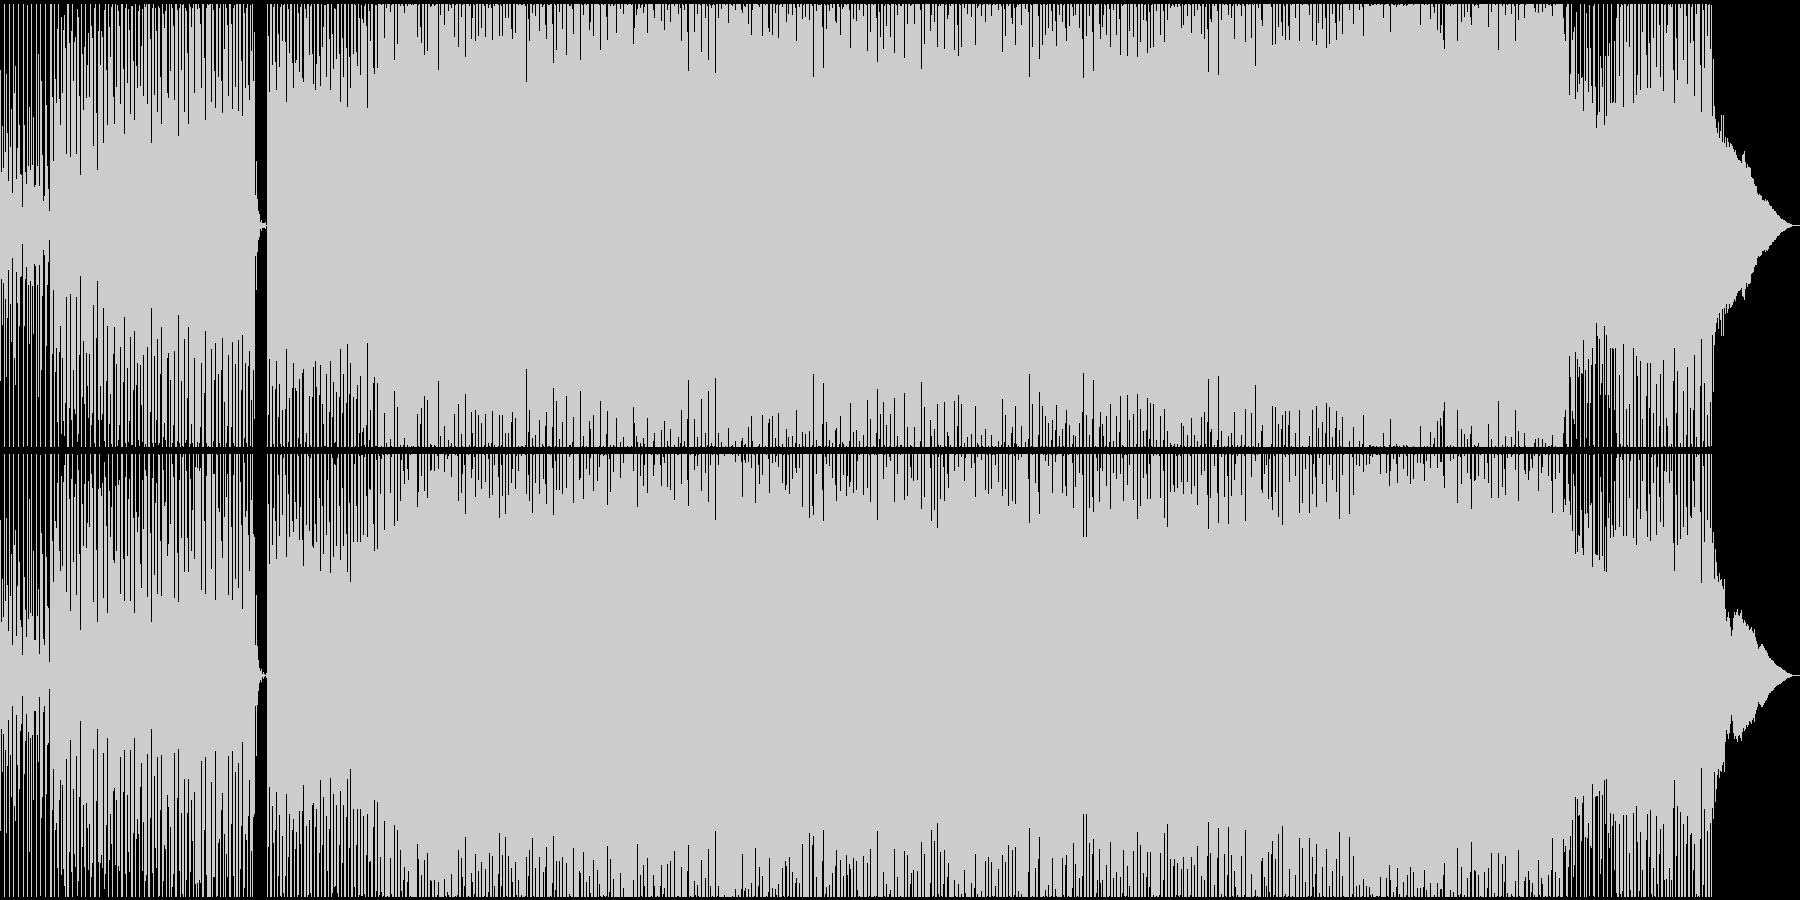 スペイシーなのりの良いテクノの未再生の波形